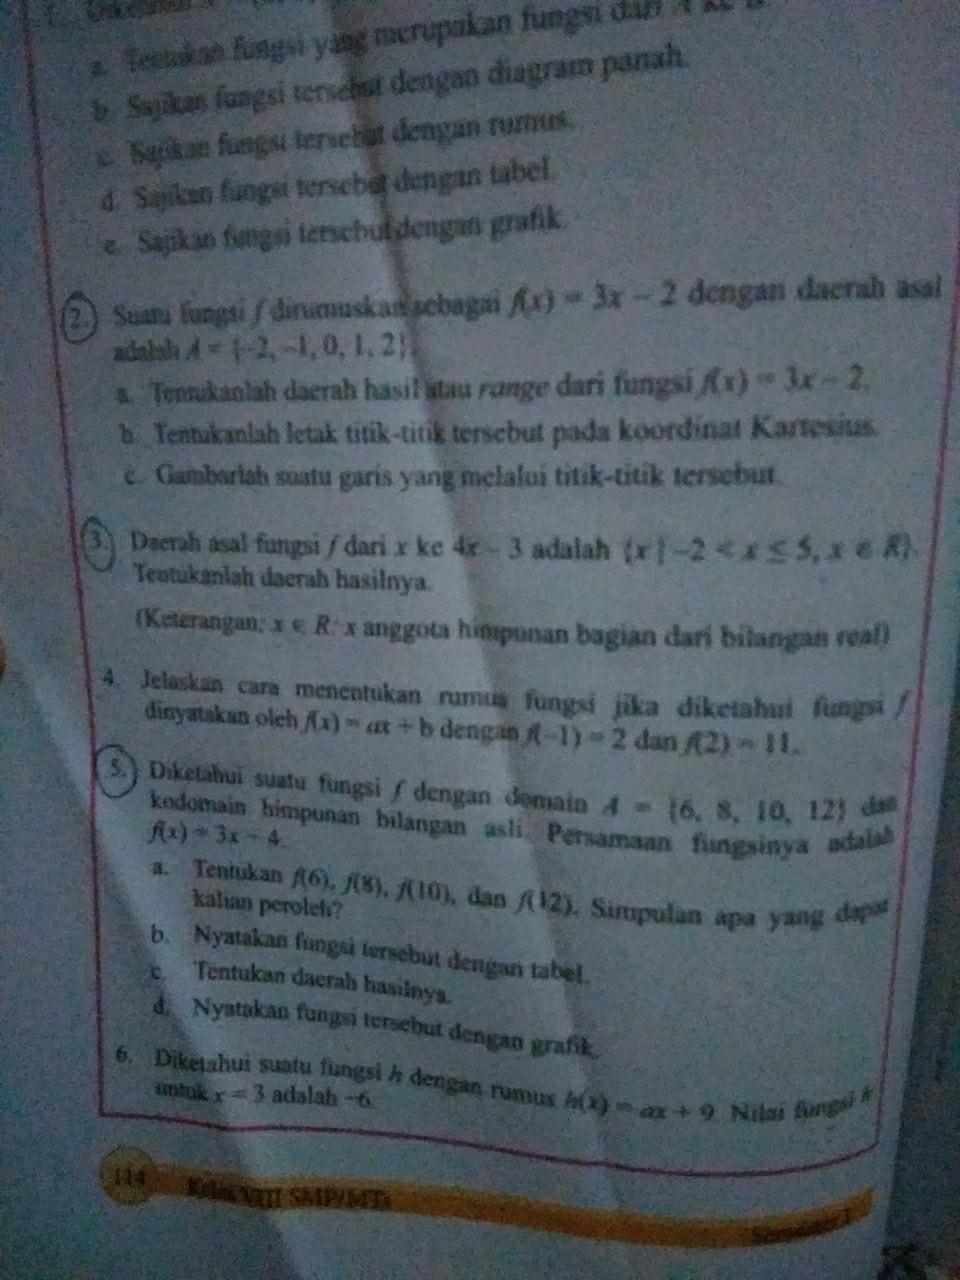 Kunci Jawaban Buku Paket Ipa Kelas 8 Semester 1 Halaman 152 Kumpulan Soal